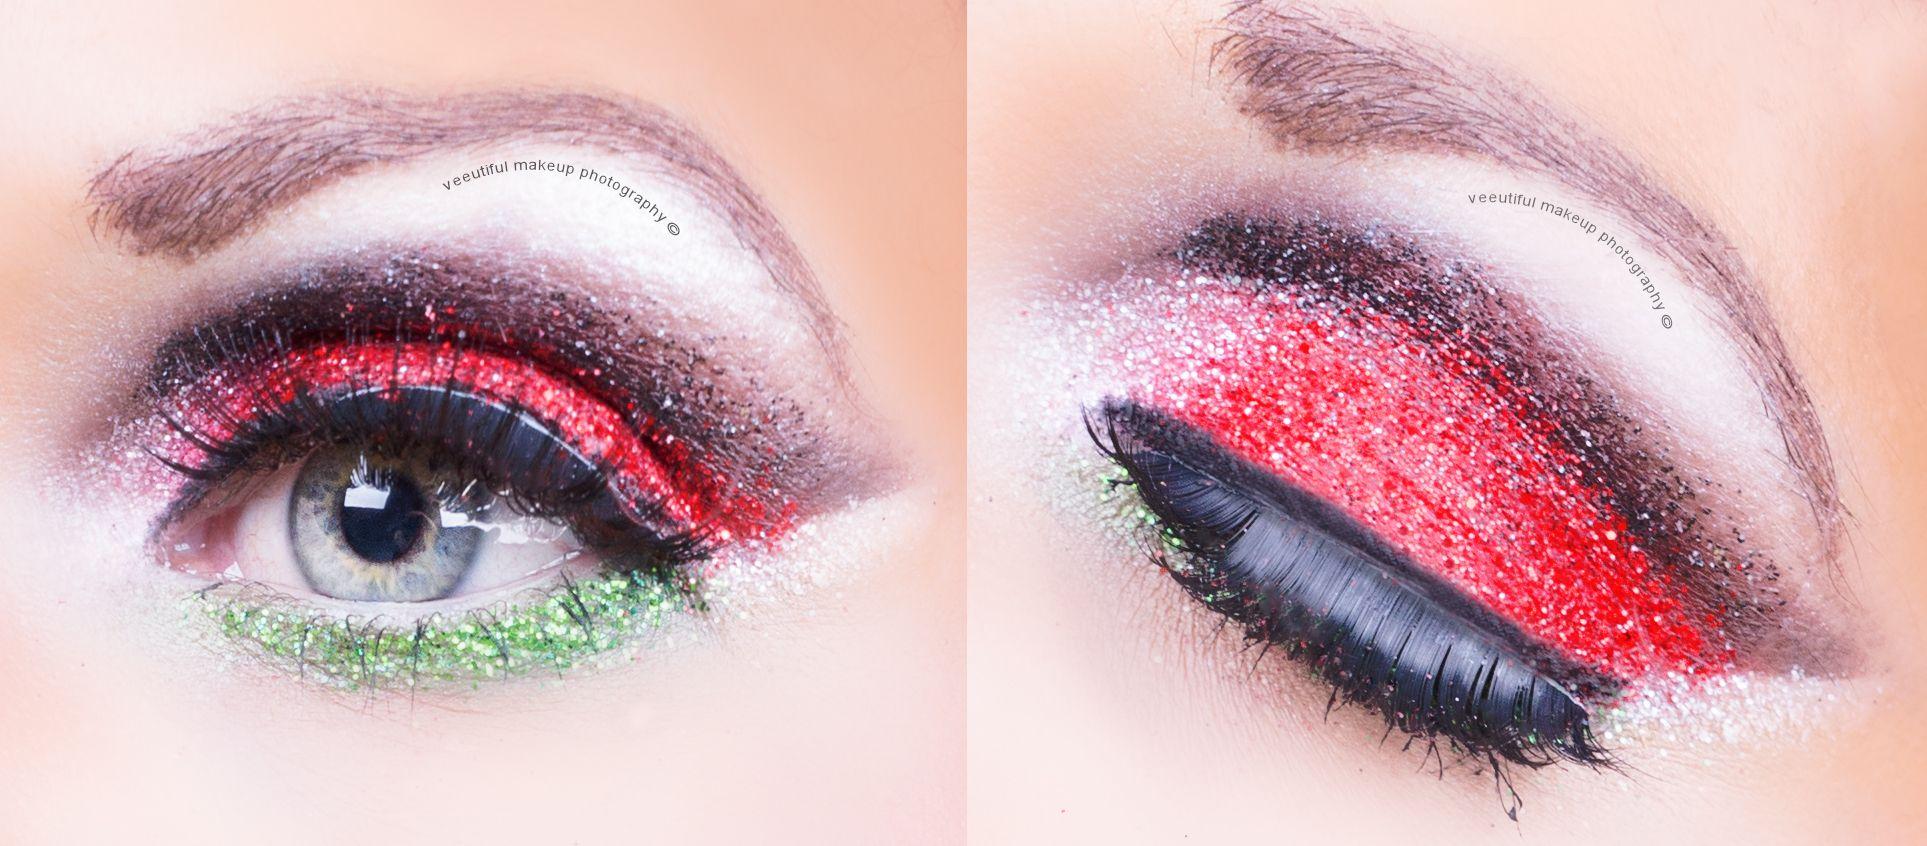 sexy christmas eyes #makeup #christmas #xmasbeauty #christmasmakeup